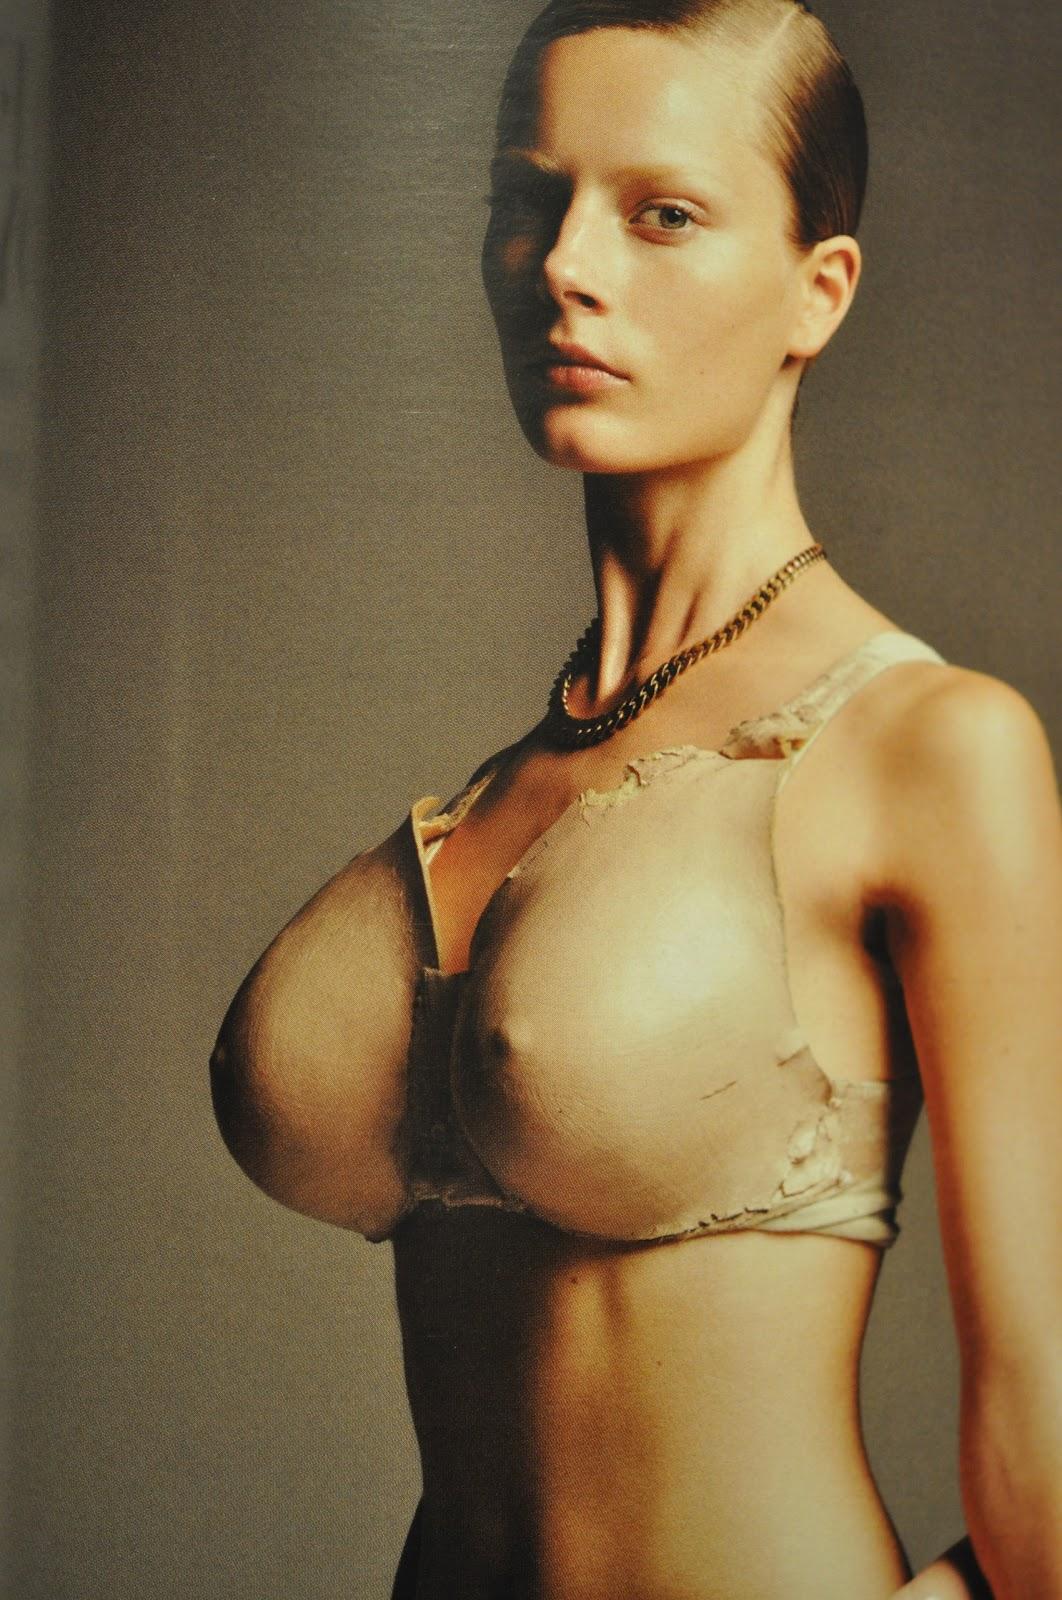 artemis i berlin bilder på stora bröst